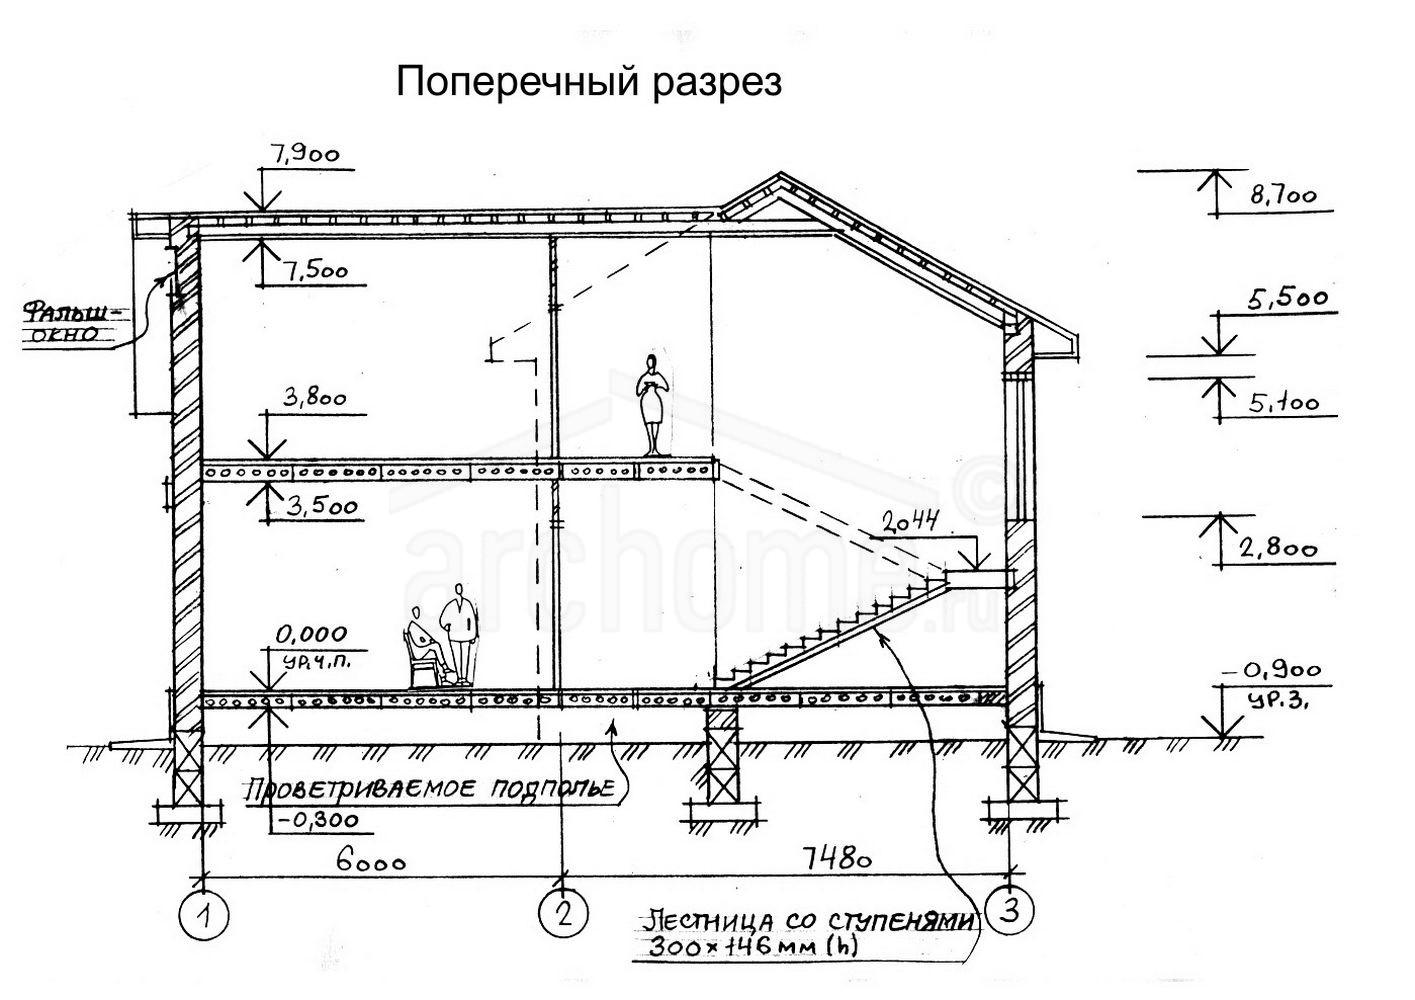 Планы этажей проекта ЛЕДА 3